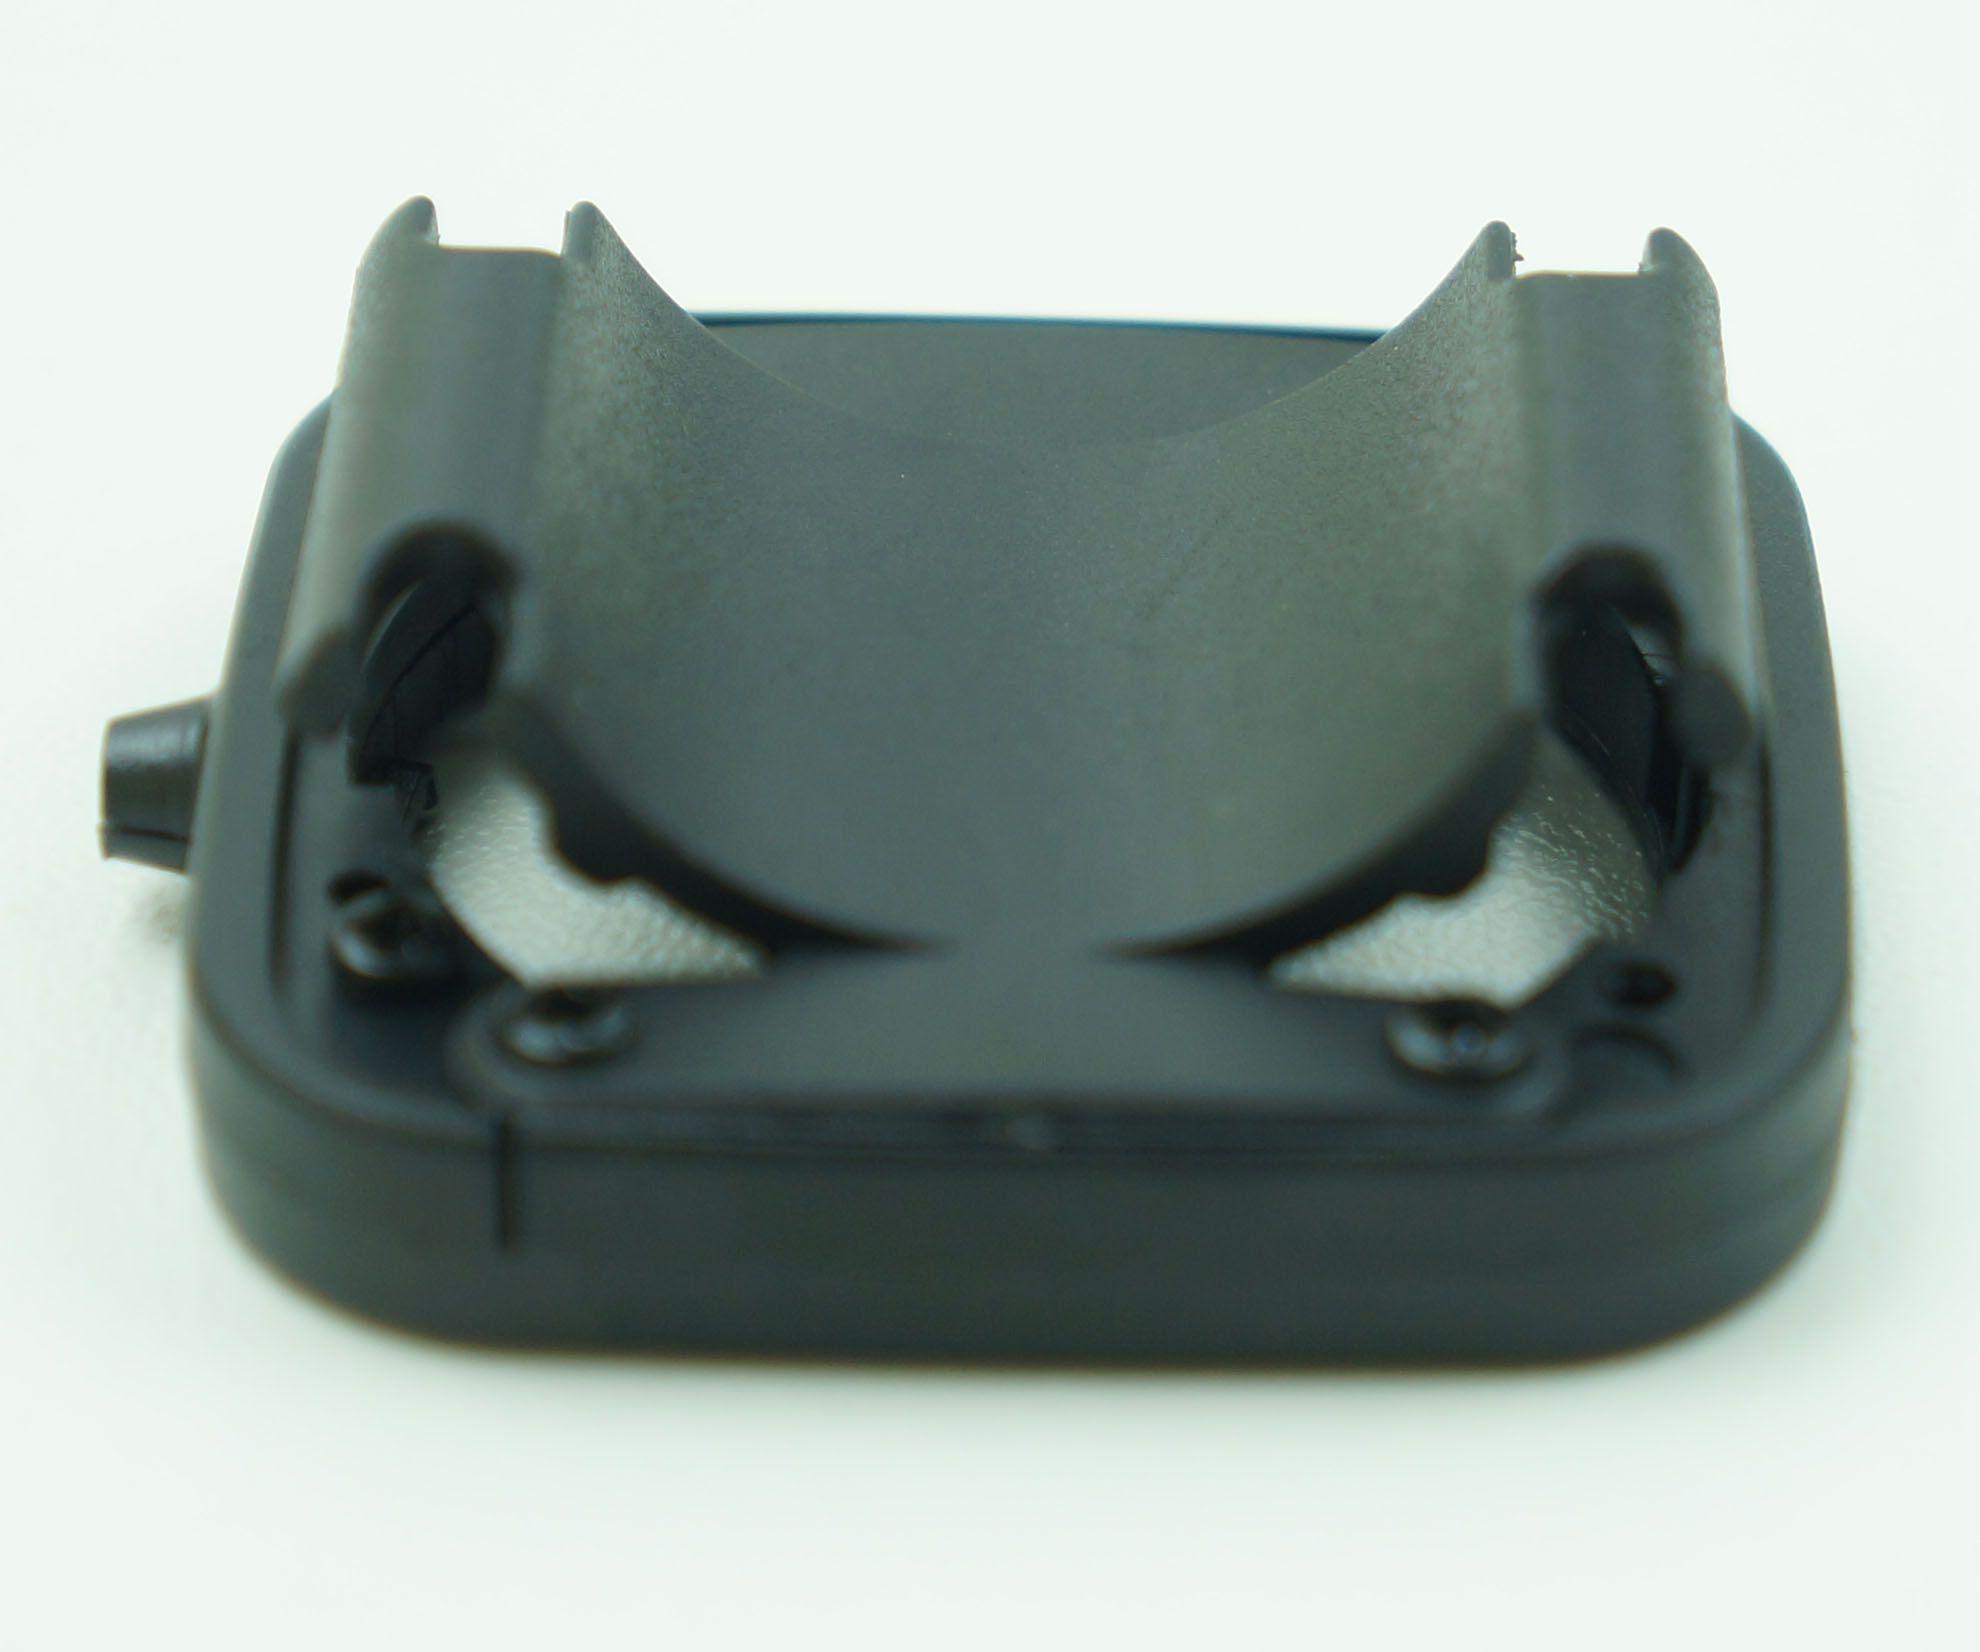 Suporte Base para Ciclocomputador Prowell FW537C Wireless em Plastico